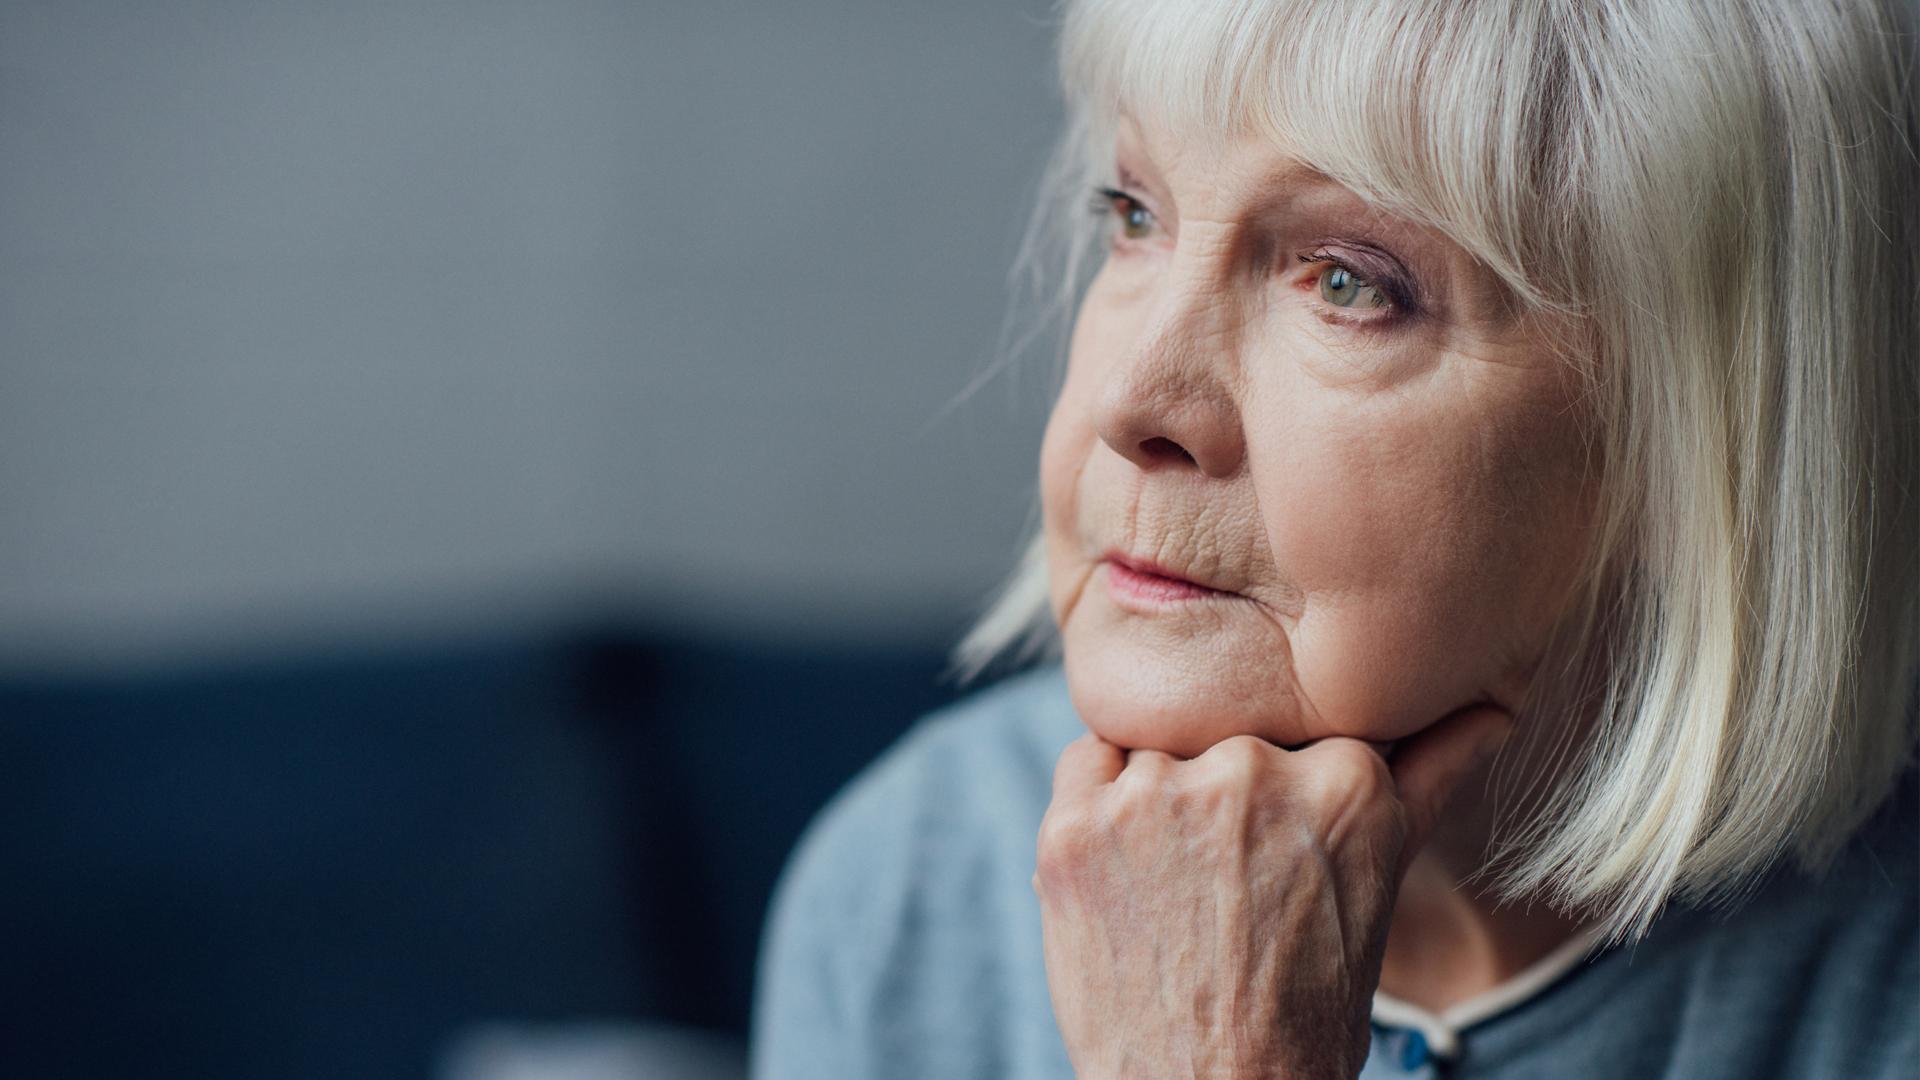 Методы лечения диафрагмальной грыжи у взрослых